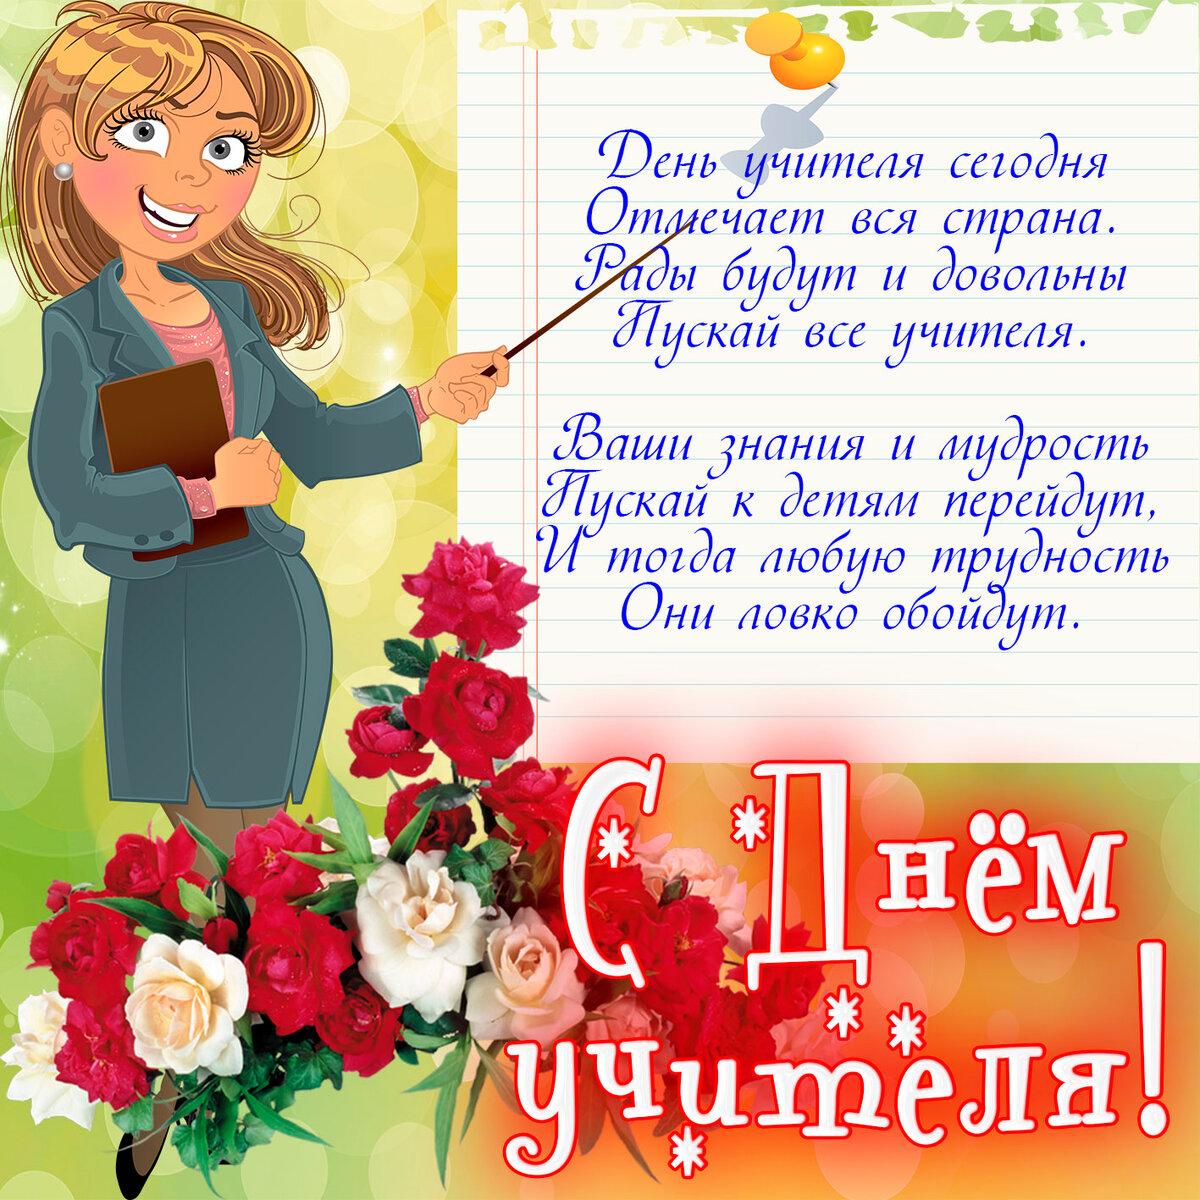 Цветы одноклассниках, картинки поздравление учителю